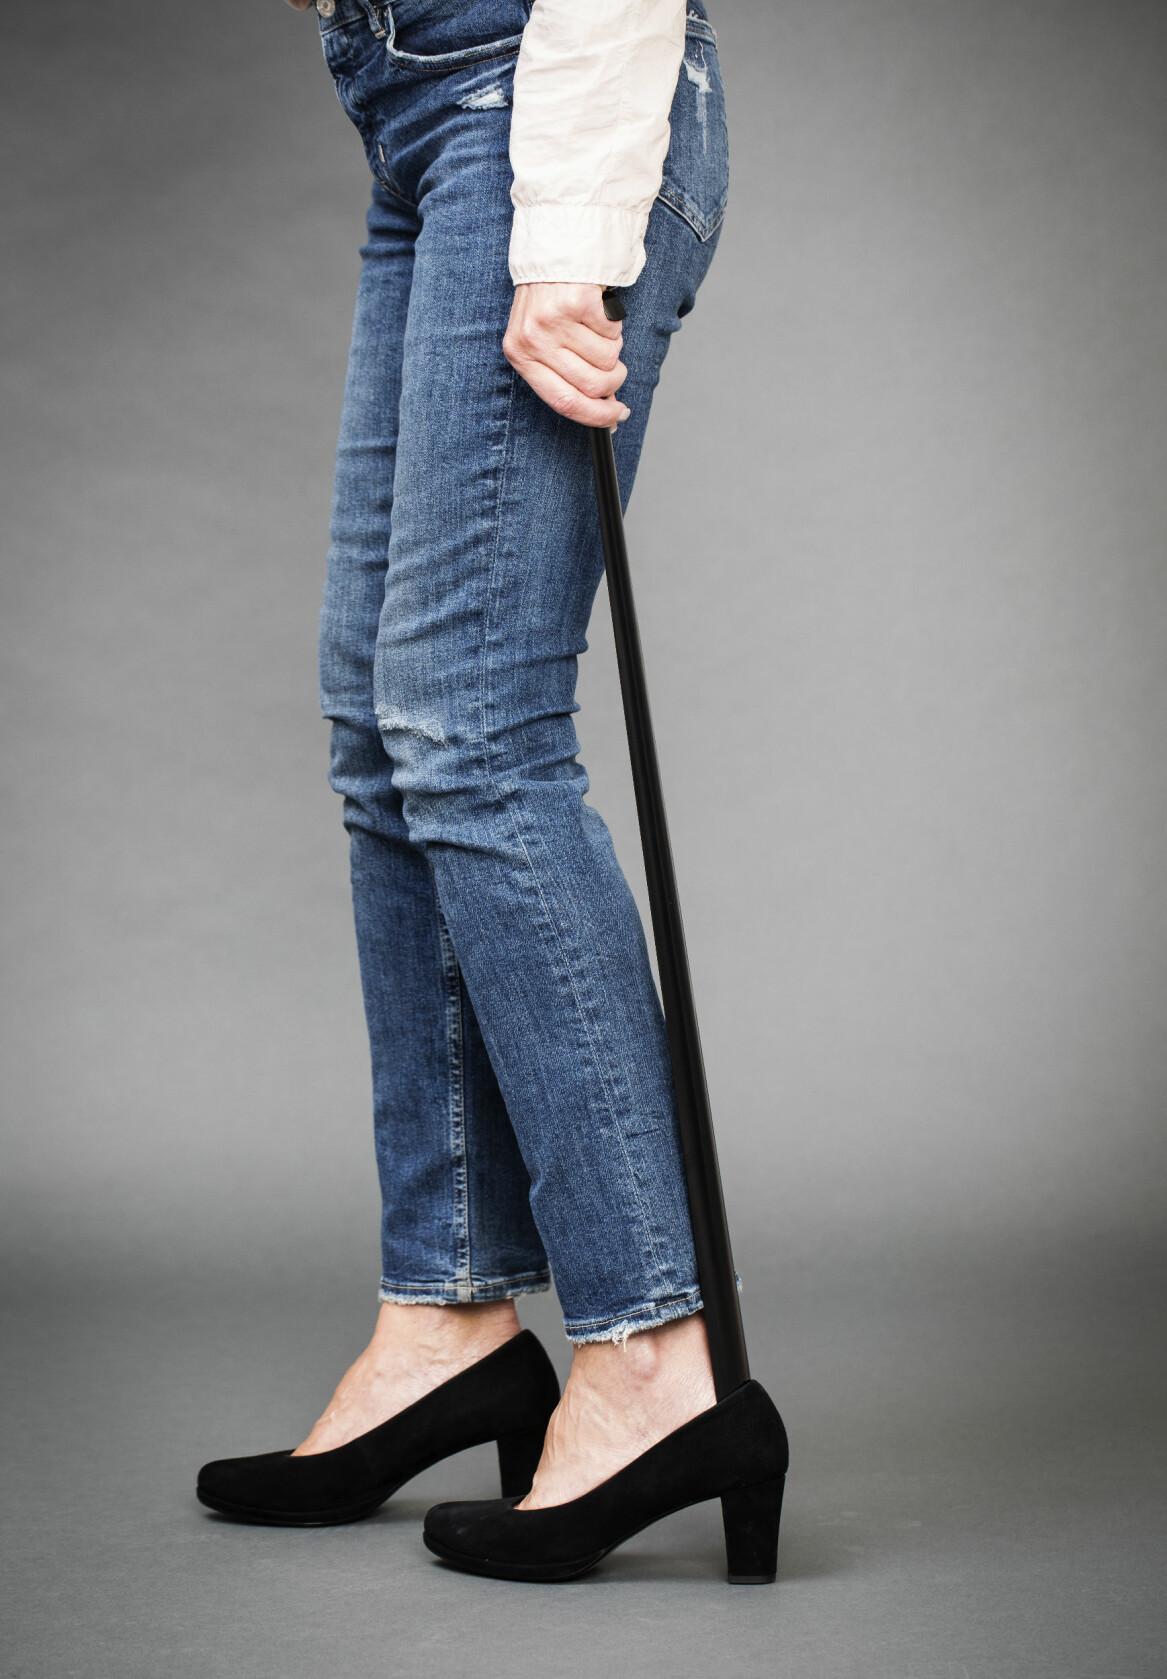 Kvinna använder långt skohorn när hon tar på sig skorna.